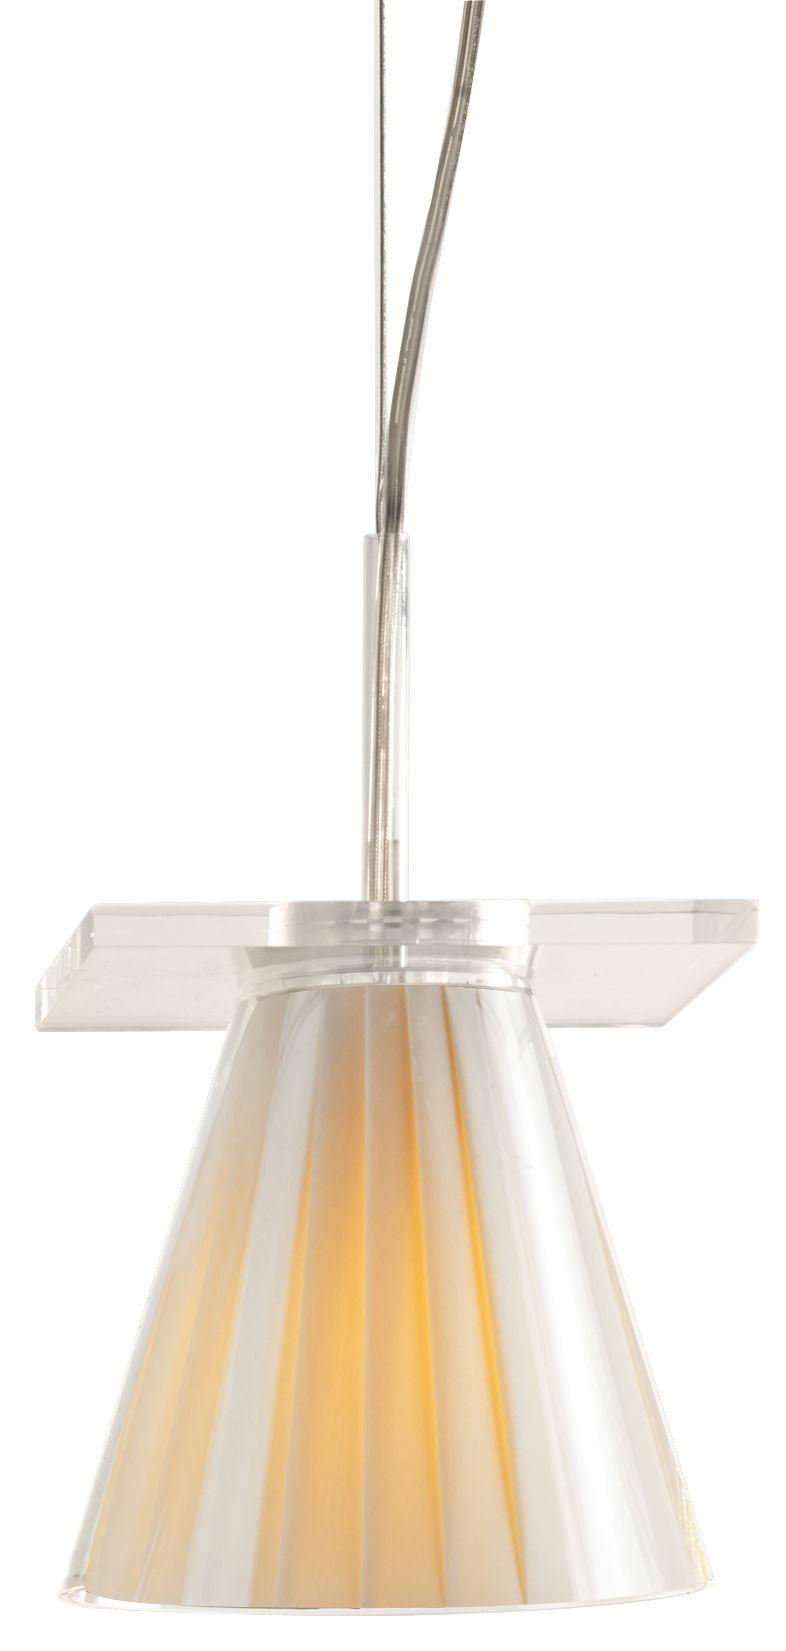 Luminaire - Suspensions - Suspension Light-Air / Abat-jour tissu - Kartell - Tissu beige - Technopolymère thermoplastique, Tissu